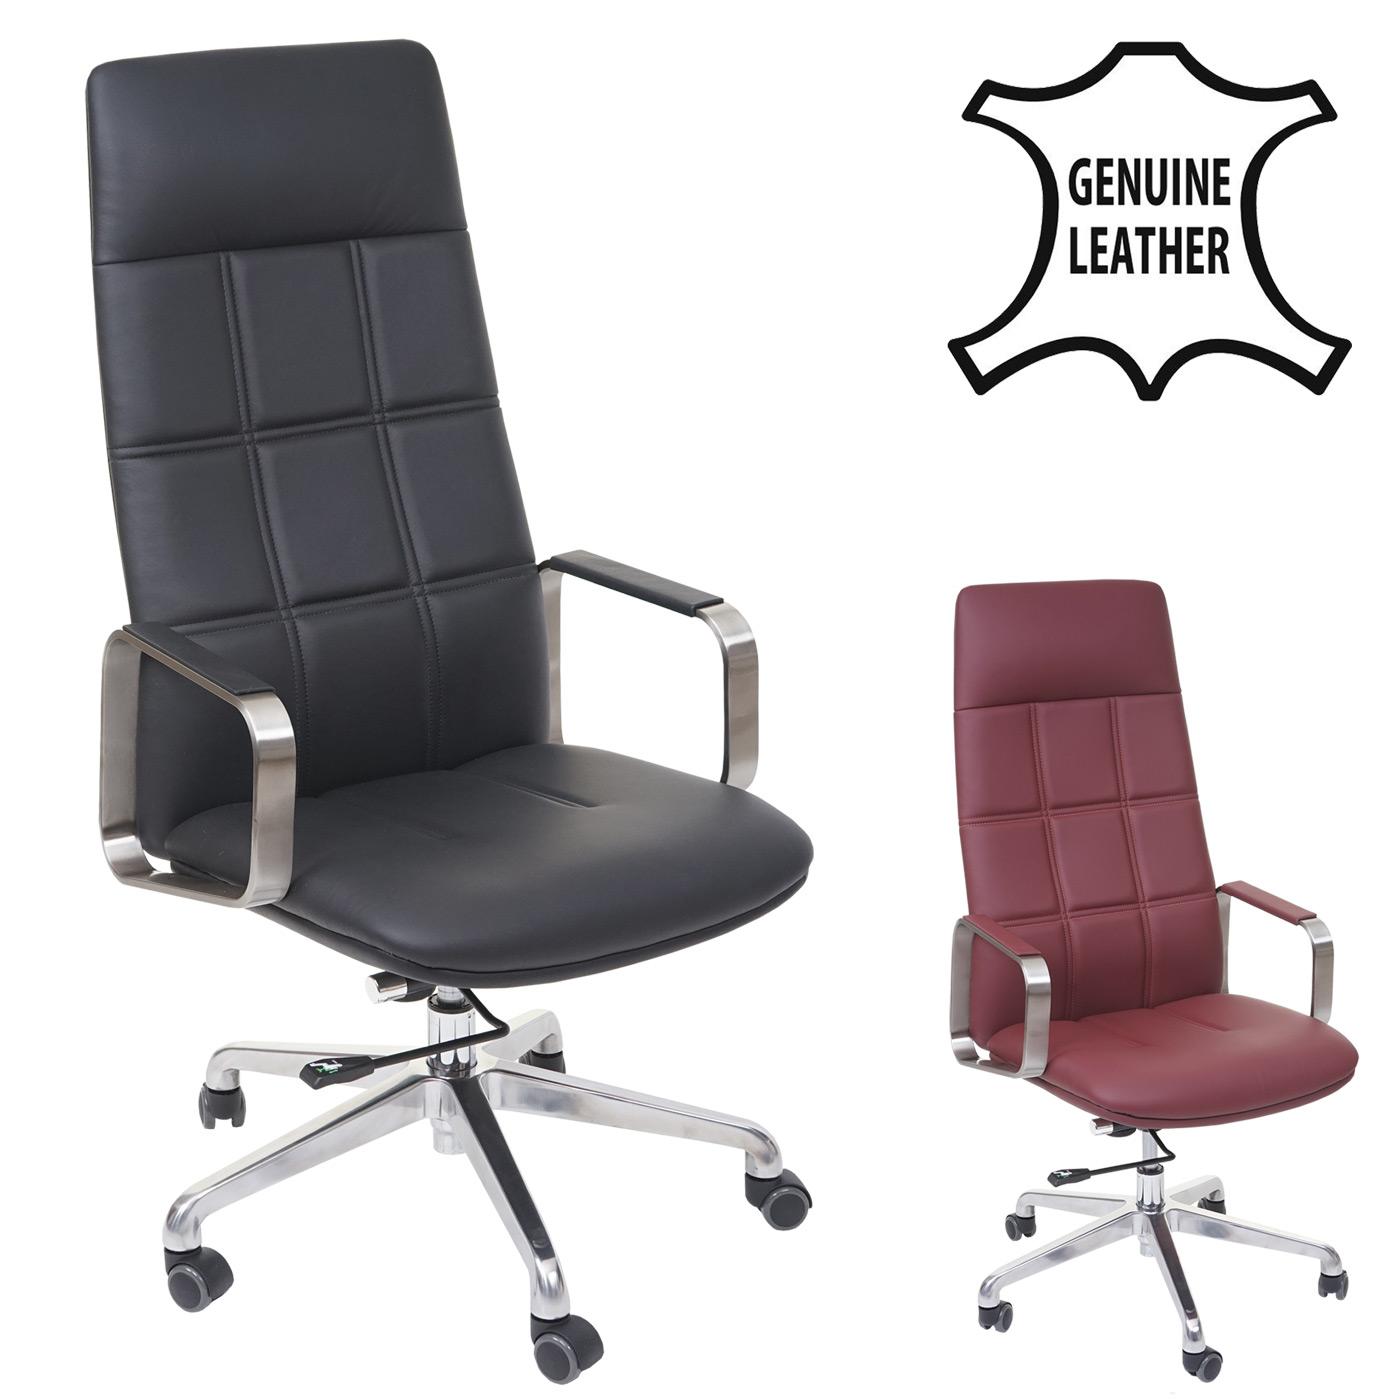 stuhl sitzh he 65 cm machen sie den preisvergleich bei nextag. Black Bedroom Furniture Sets. Home Design Ideas